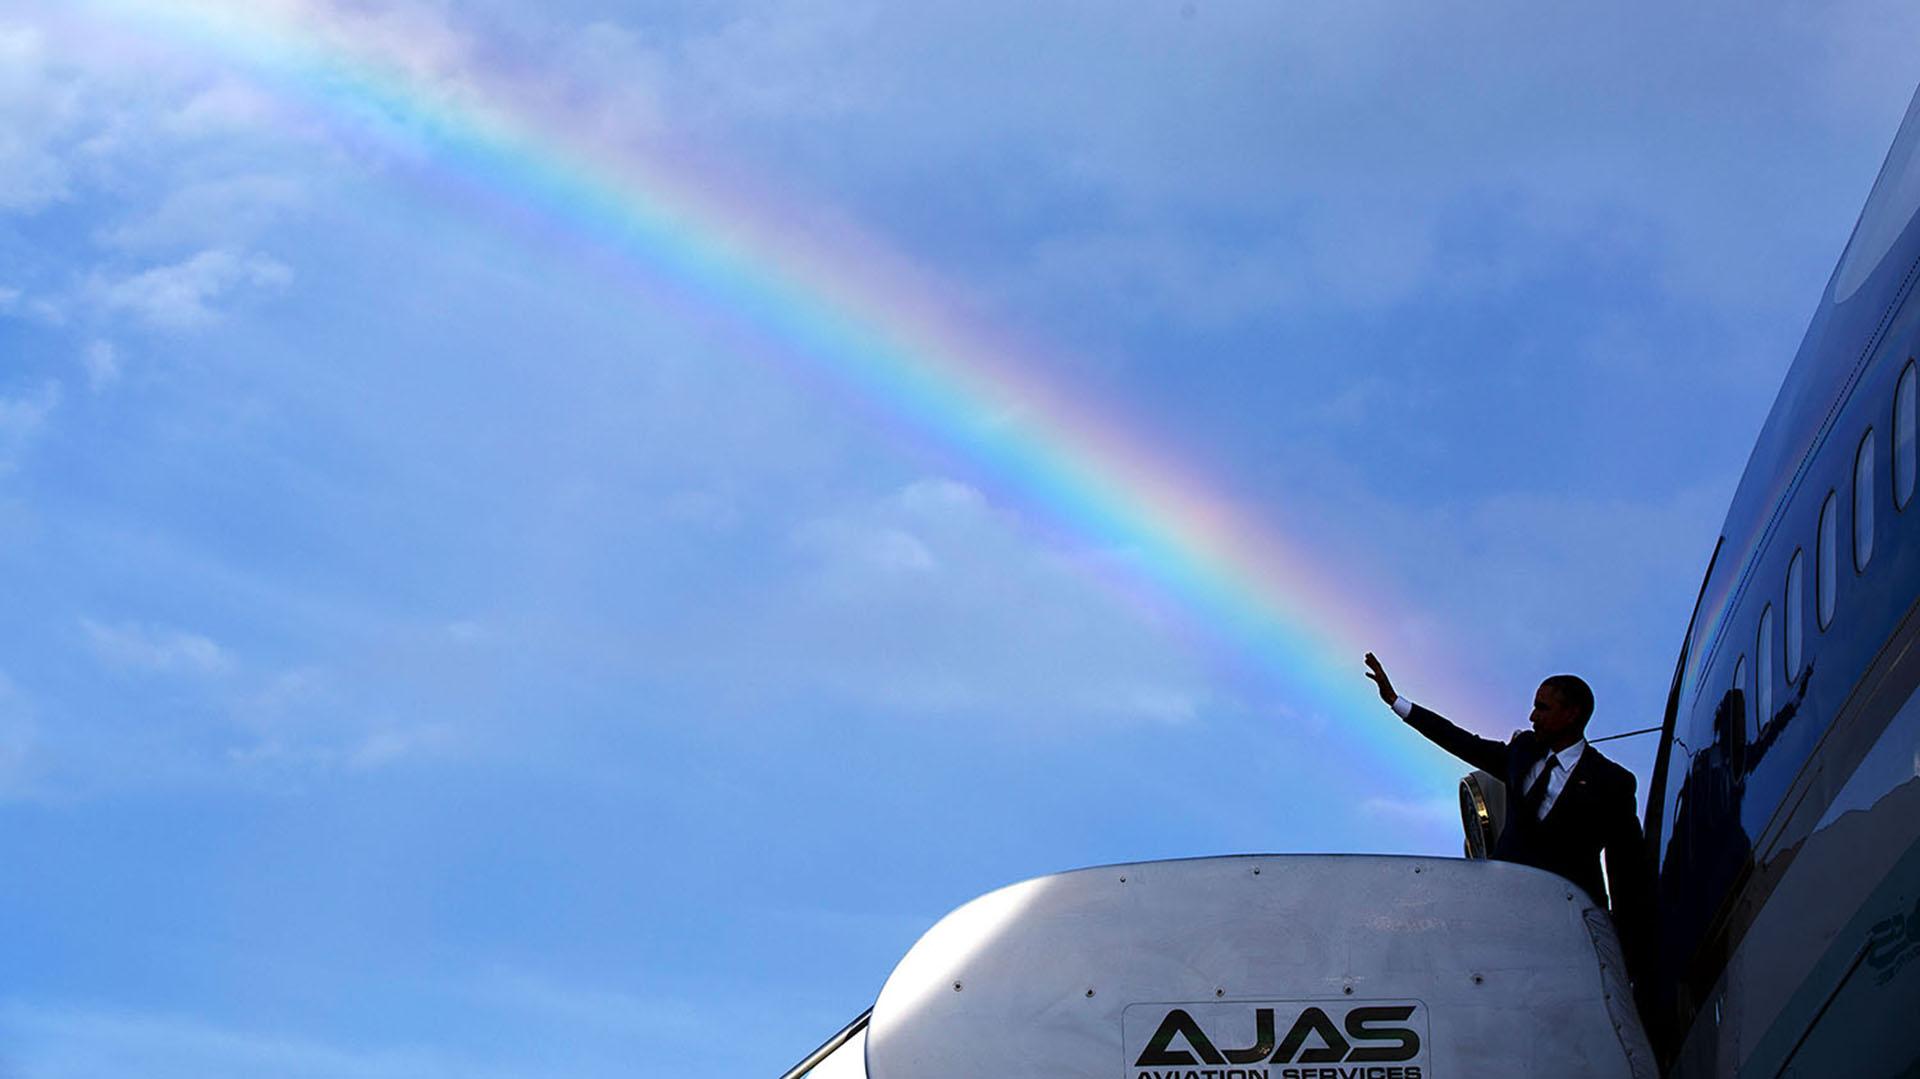 Obama saluda al despedirse de Jamaica, en el Aeropuerto de Norman Manley de Kingston el 9 de abril de 2015 (Official White House Photo by Pete Souza).